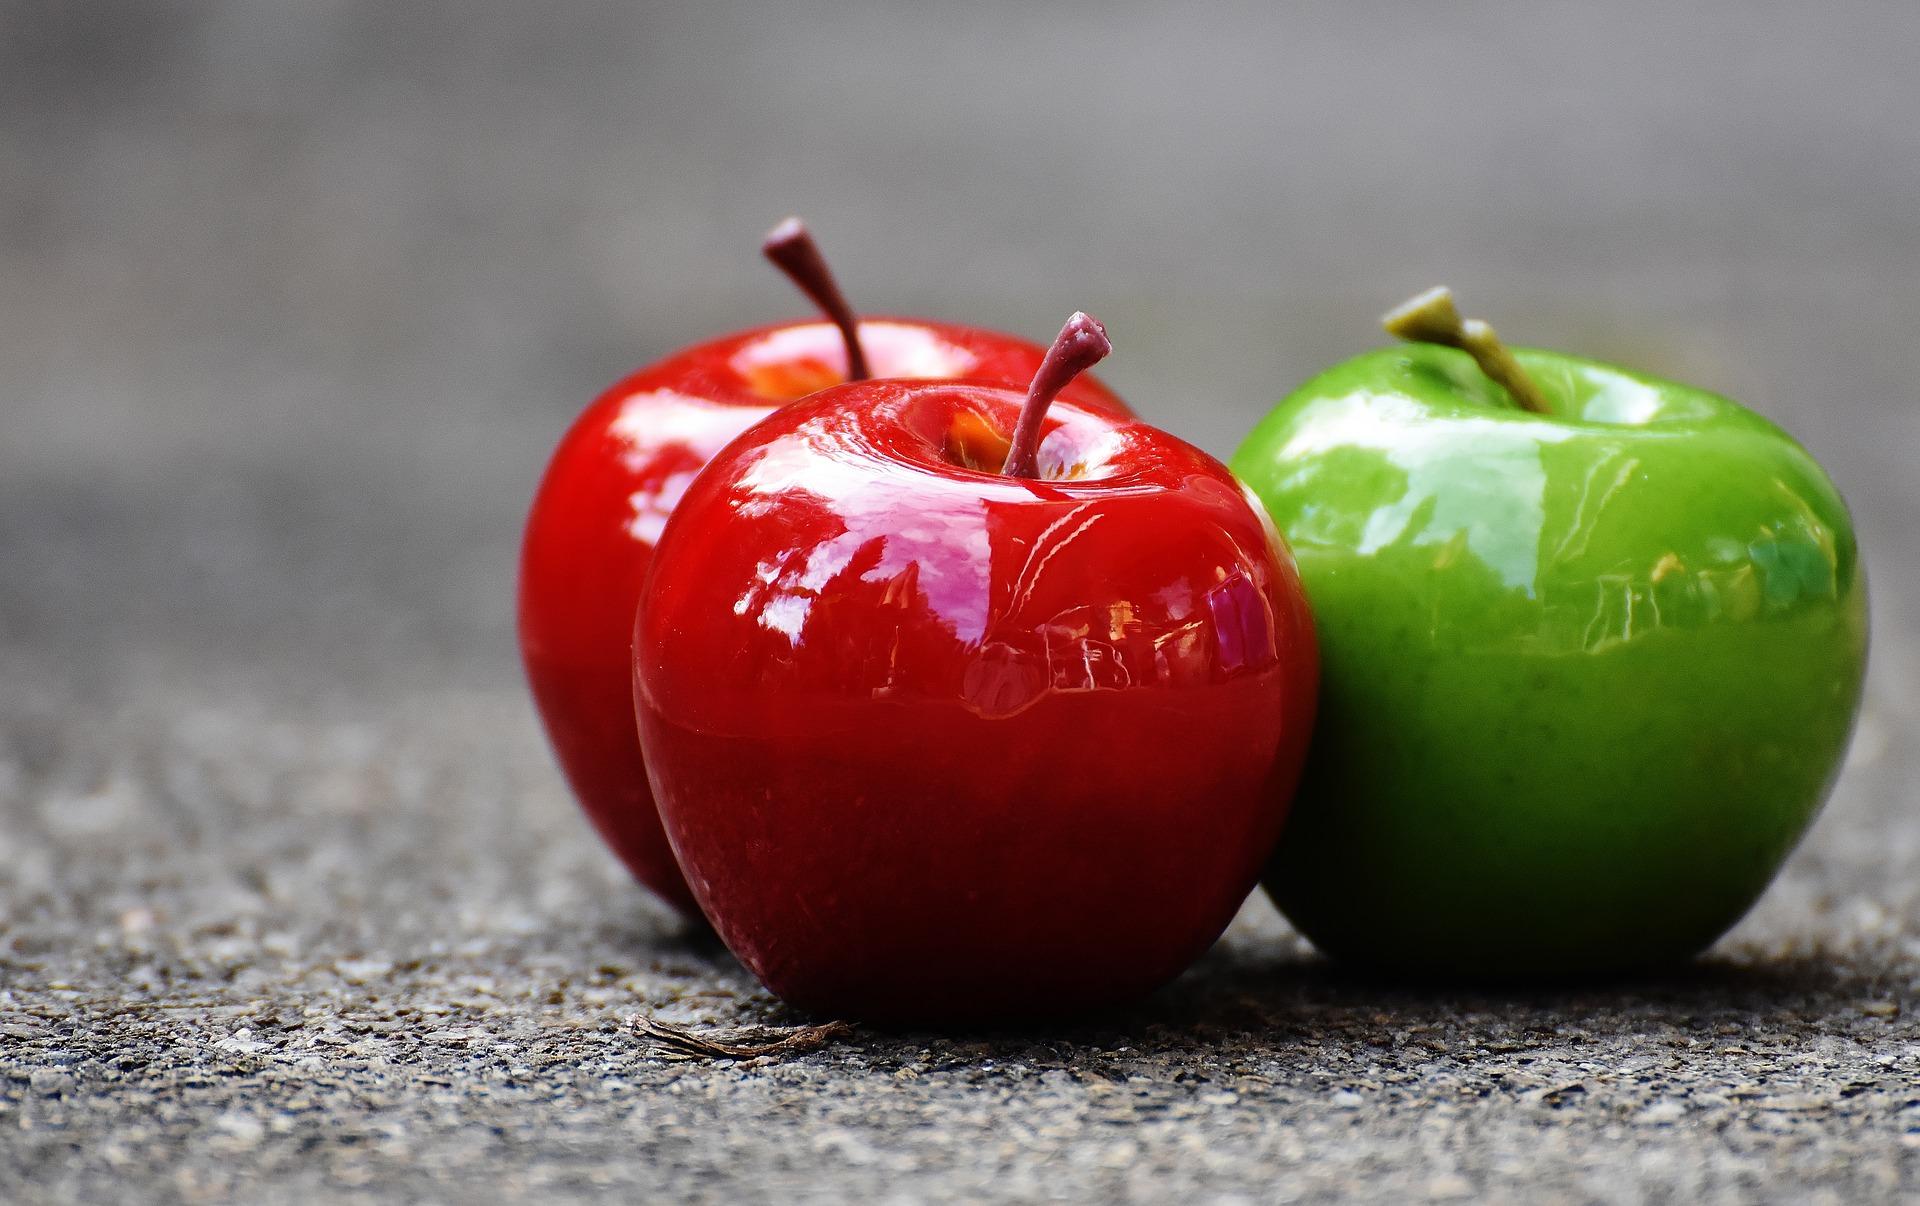 青春のイメージ、青りんご